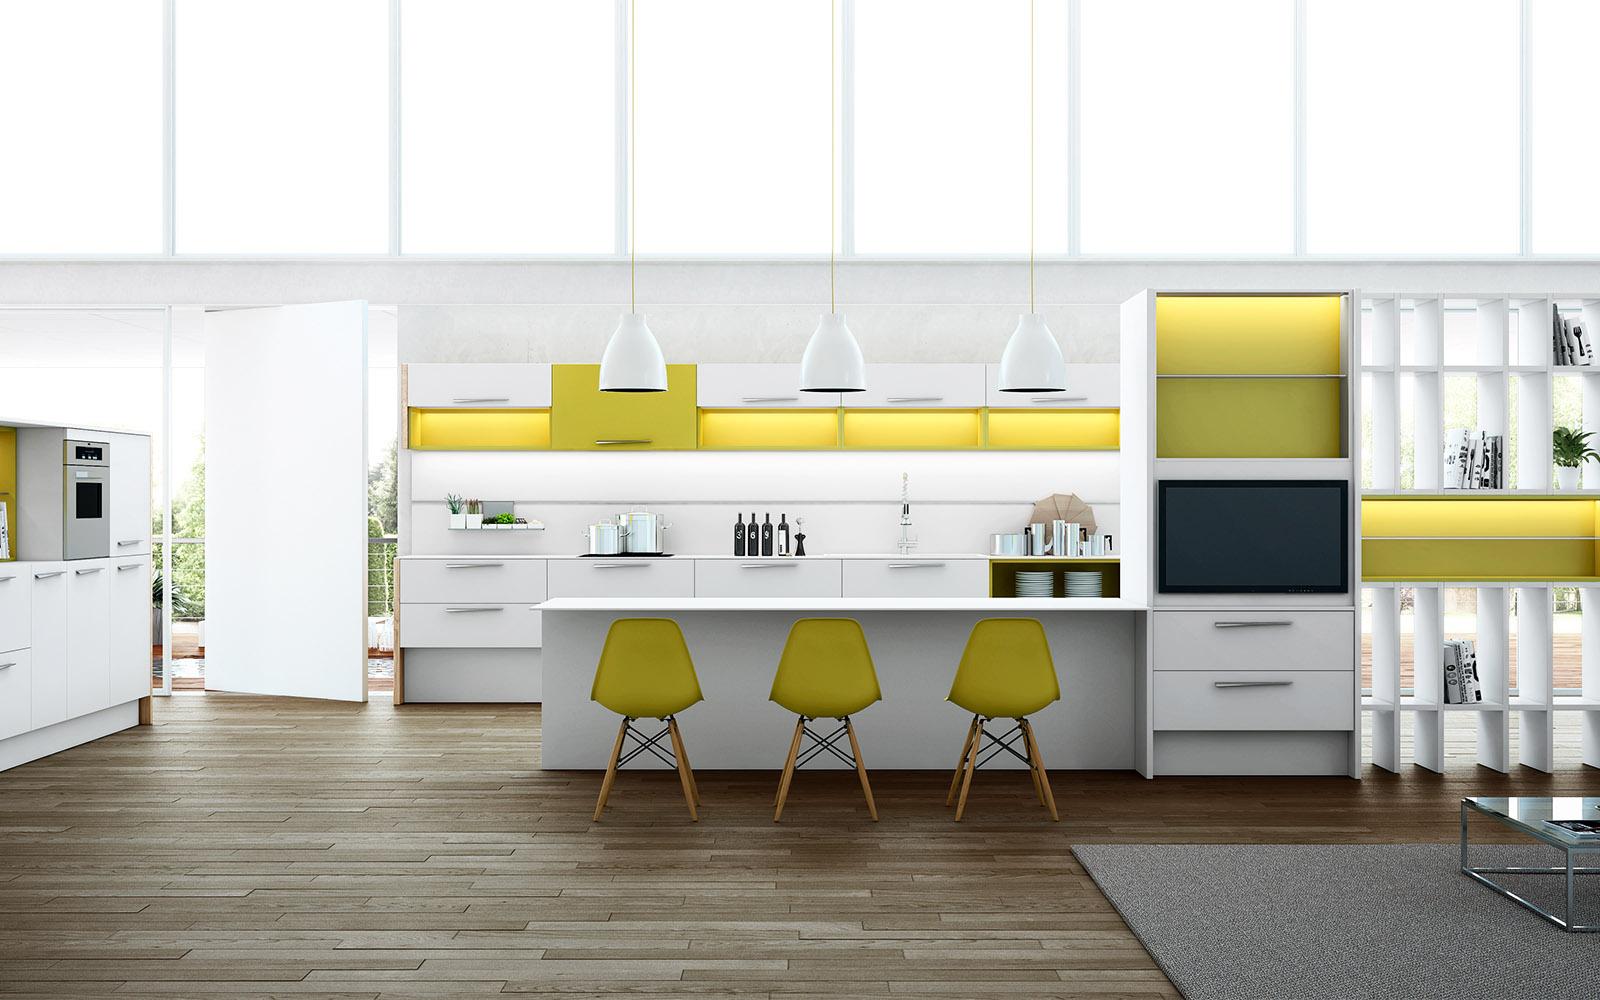 cuisines sainte marie cuisinites sur l 39 le de r les. Black Bedroom Furniture Sets. Home Design Ideas